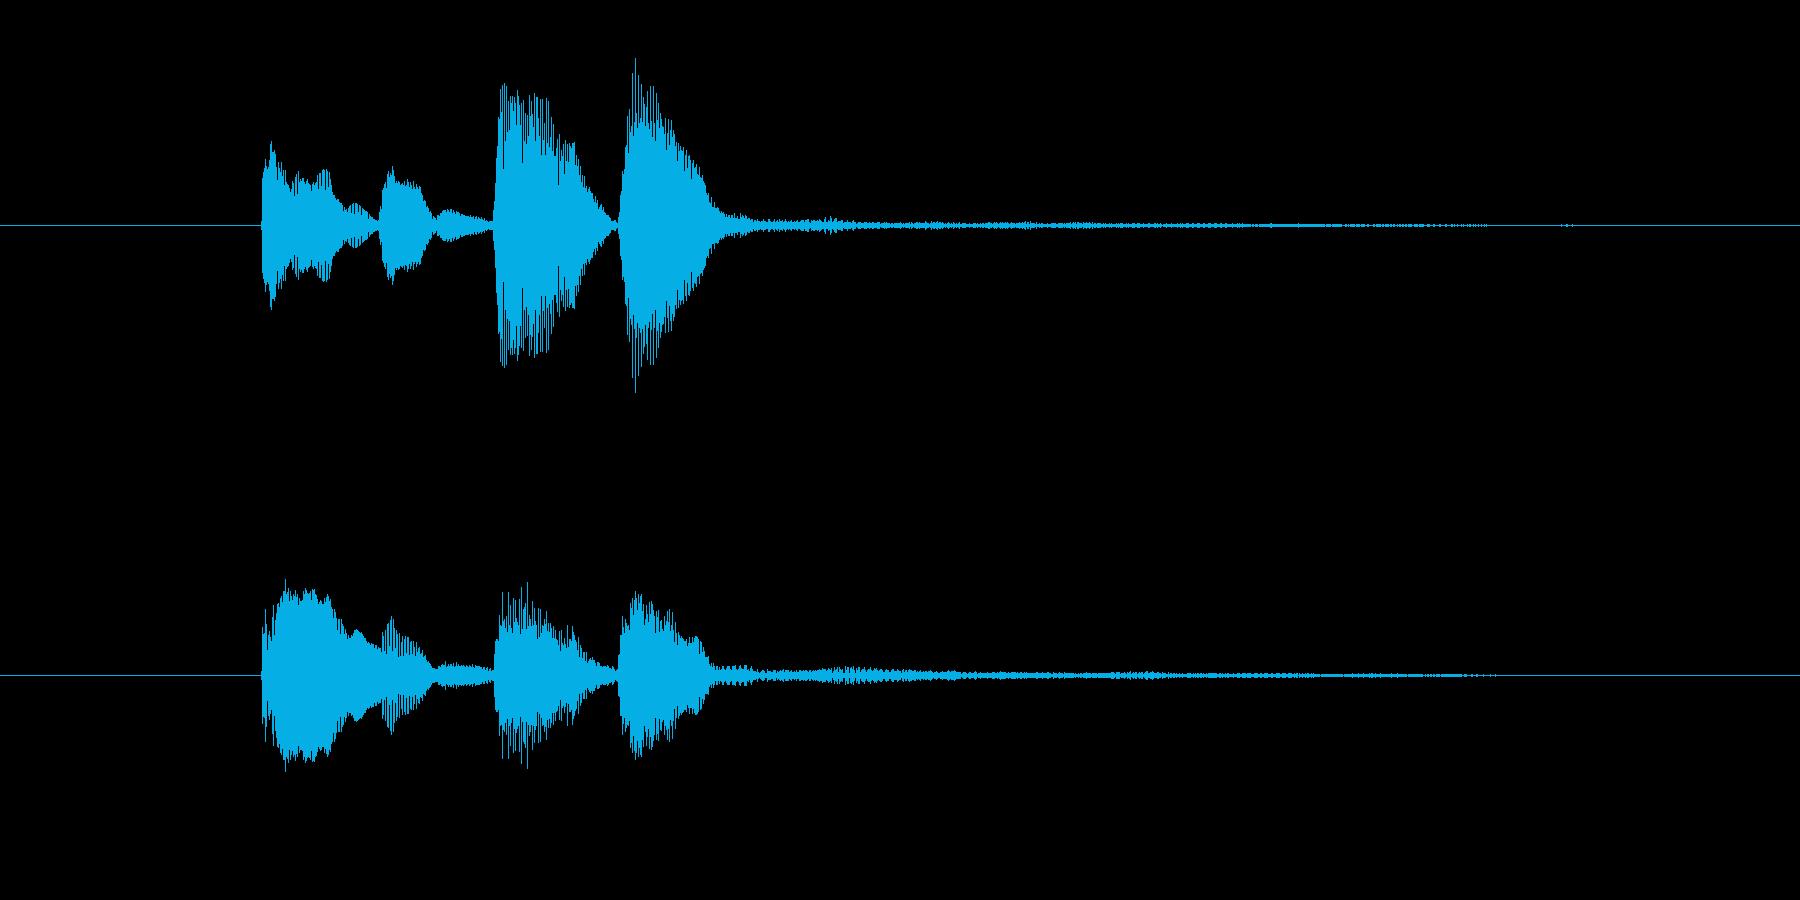 ピアノだけのシンプルで綺麗なジングル5の再生済みの波形